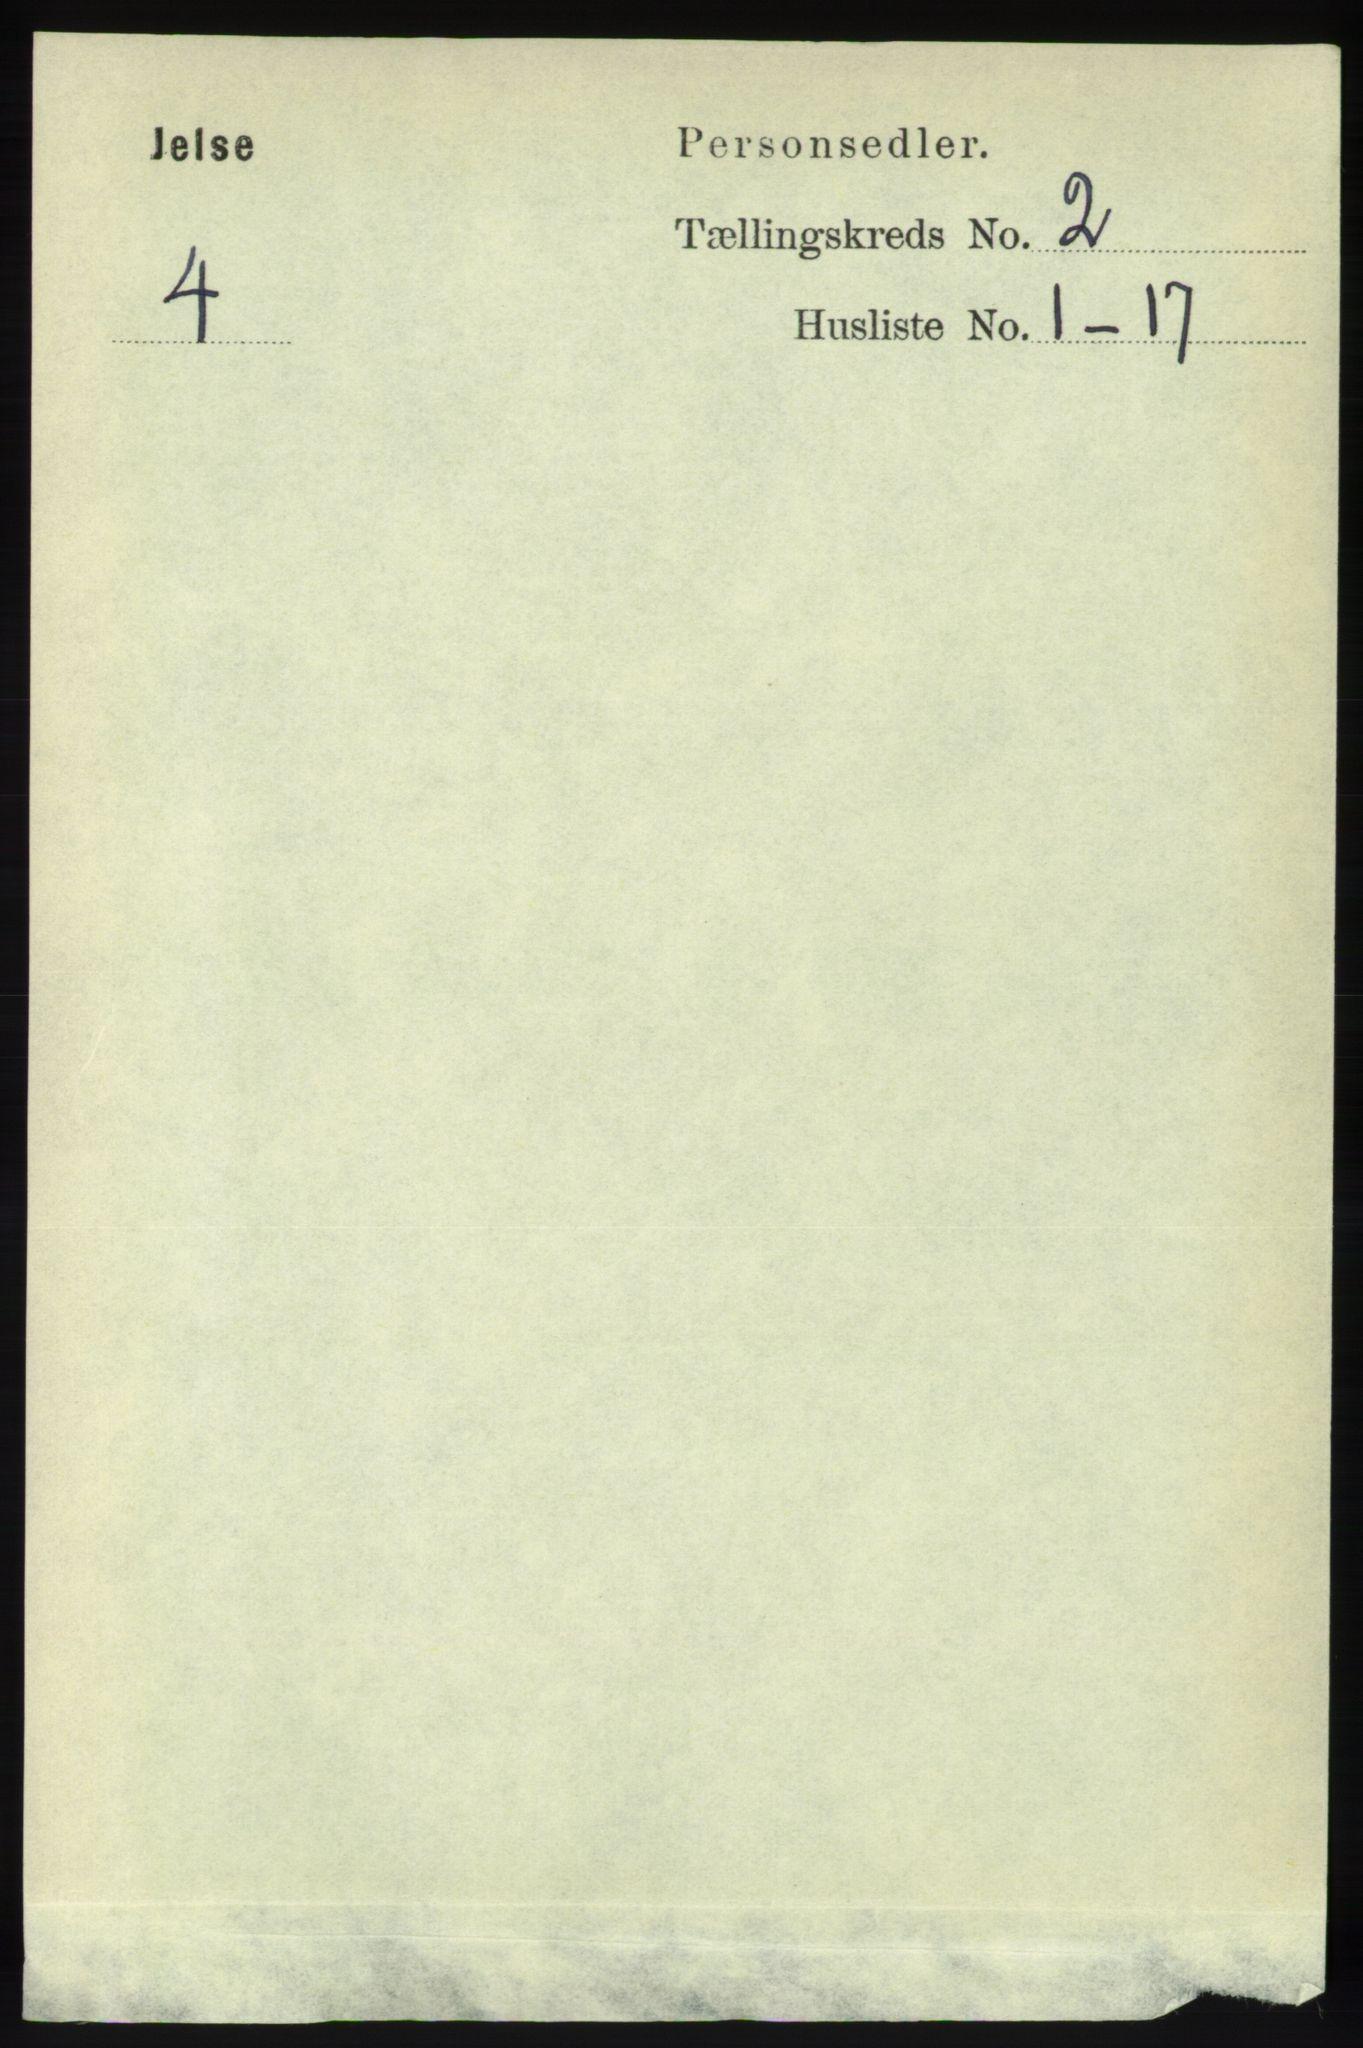 RA, Folketelling 1891 for 1138 Jelsa herred, 1891, s. 246